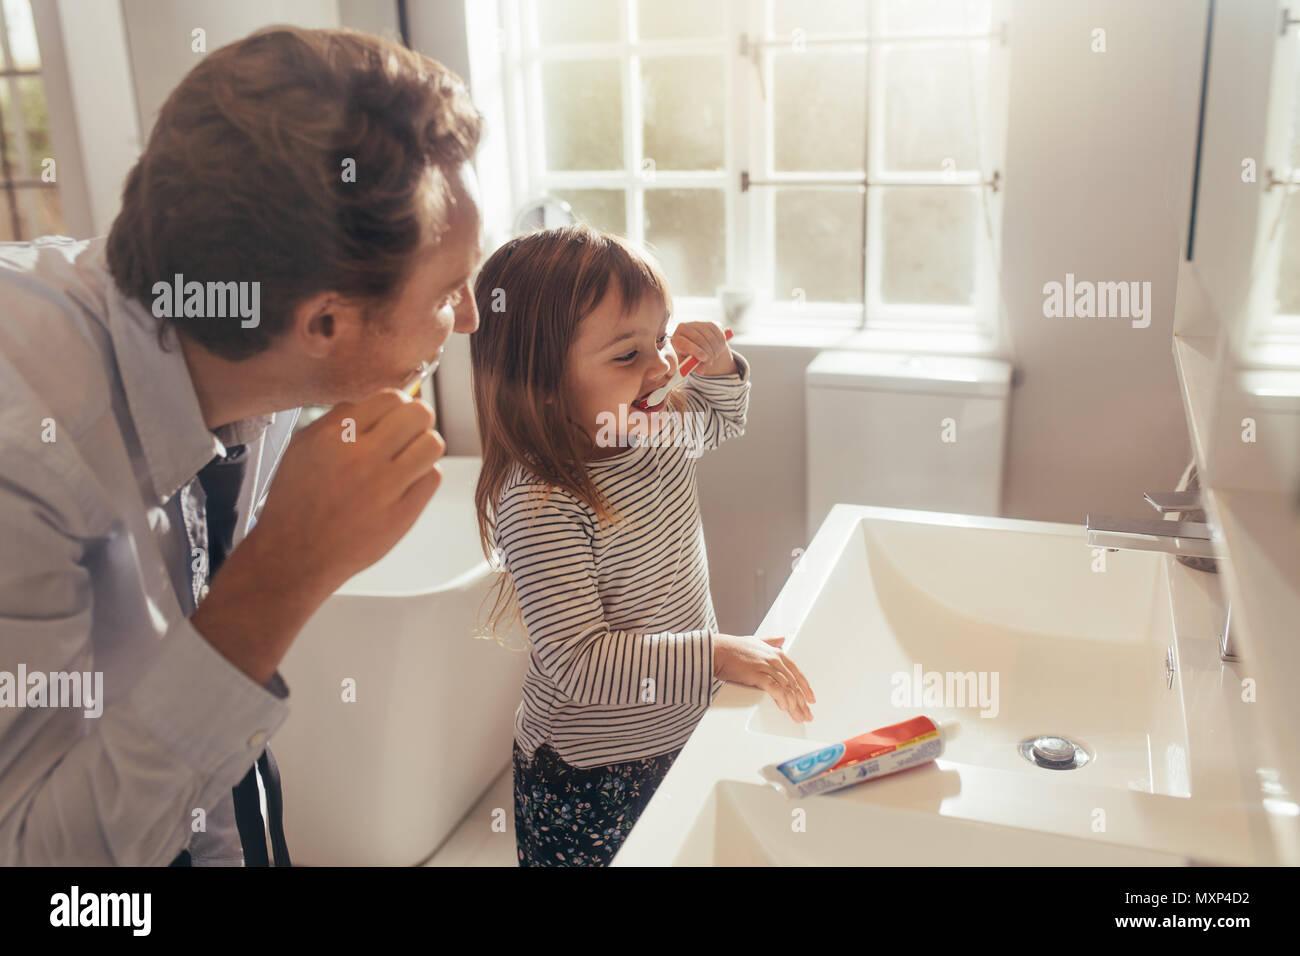 Padre e hija cepillarse los dientes de pie en el baño. El hombre enseñar a su hija cómo cepillarse los dientes. Imagen De Stock